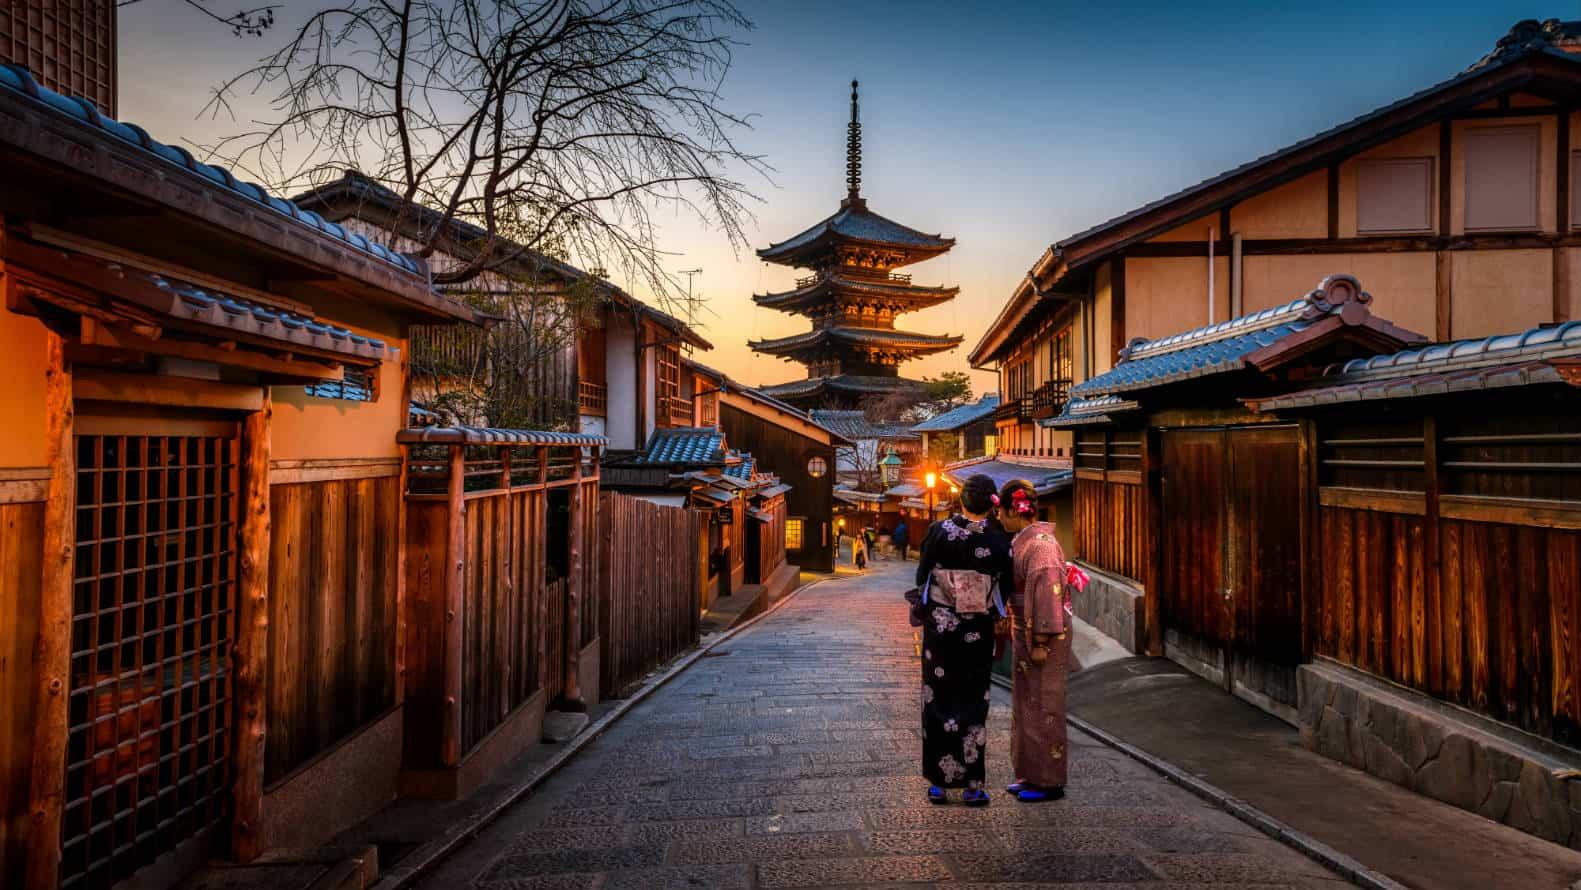 portada Kioto Distrito de Gion Foto Sorasak Unsplash